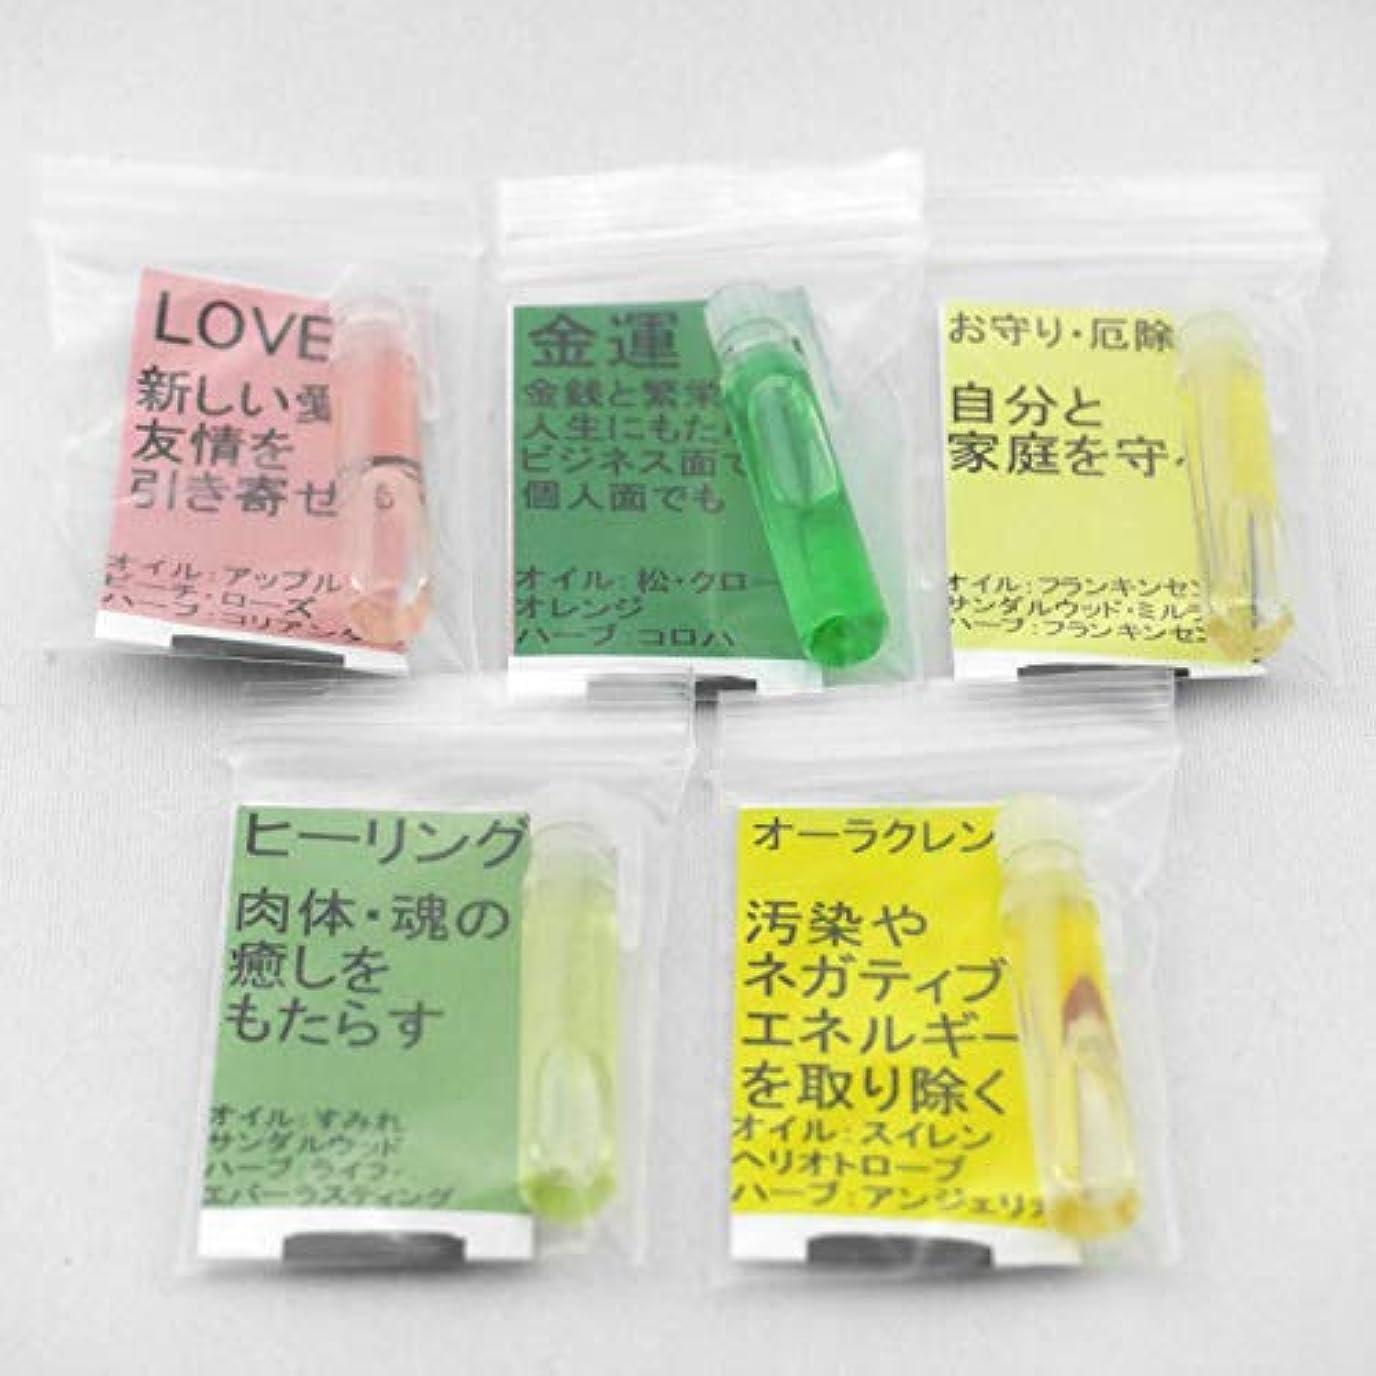 床ビタミン北アンシェントメモリーオイル 基本の5本小分けセット(LOVE?MoneyDraw?Protection?Healing?Aura Cleanse)